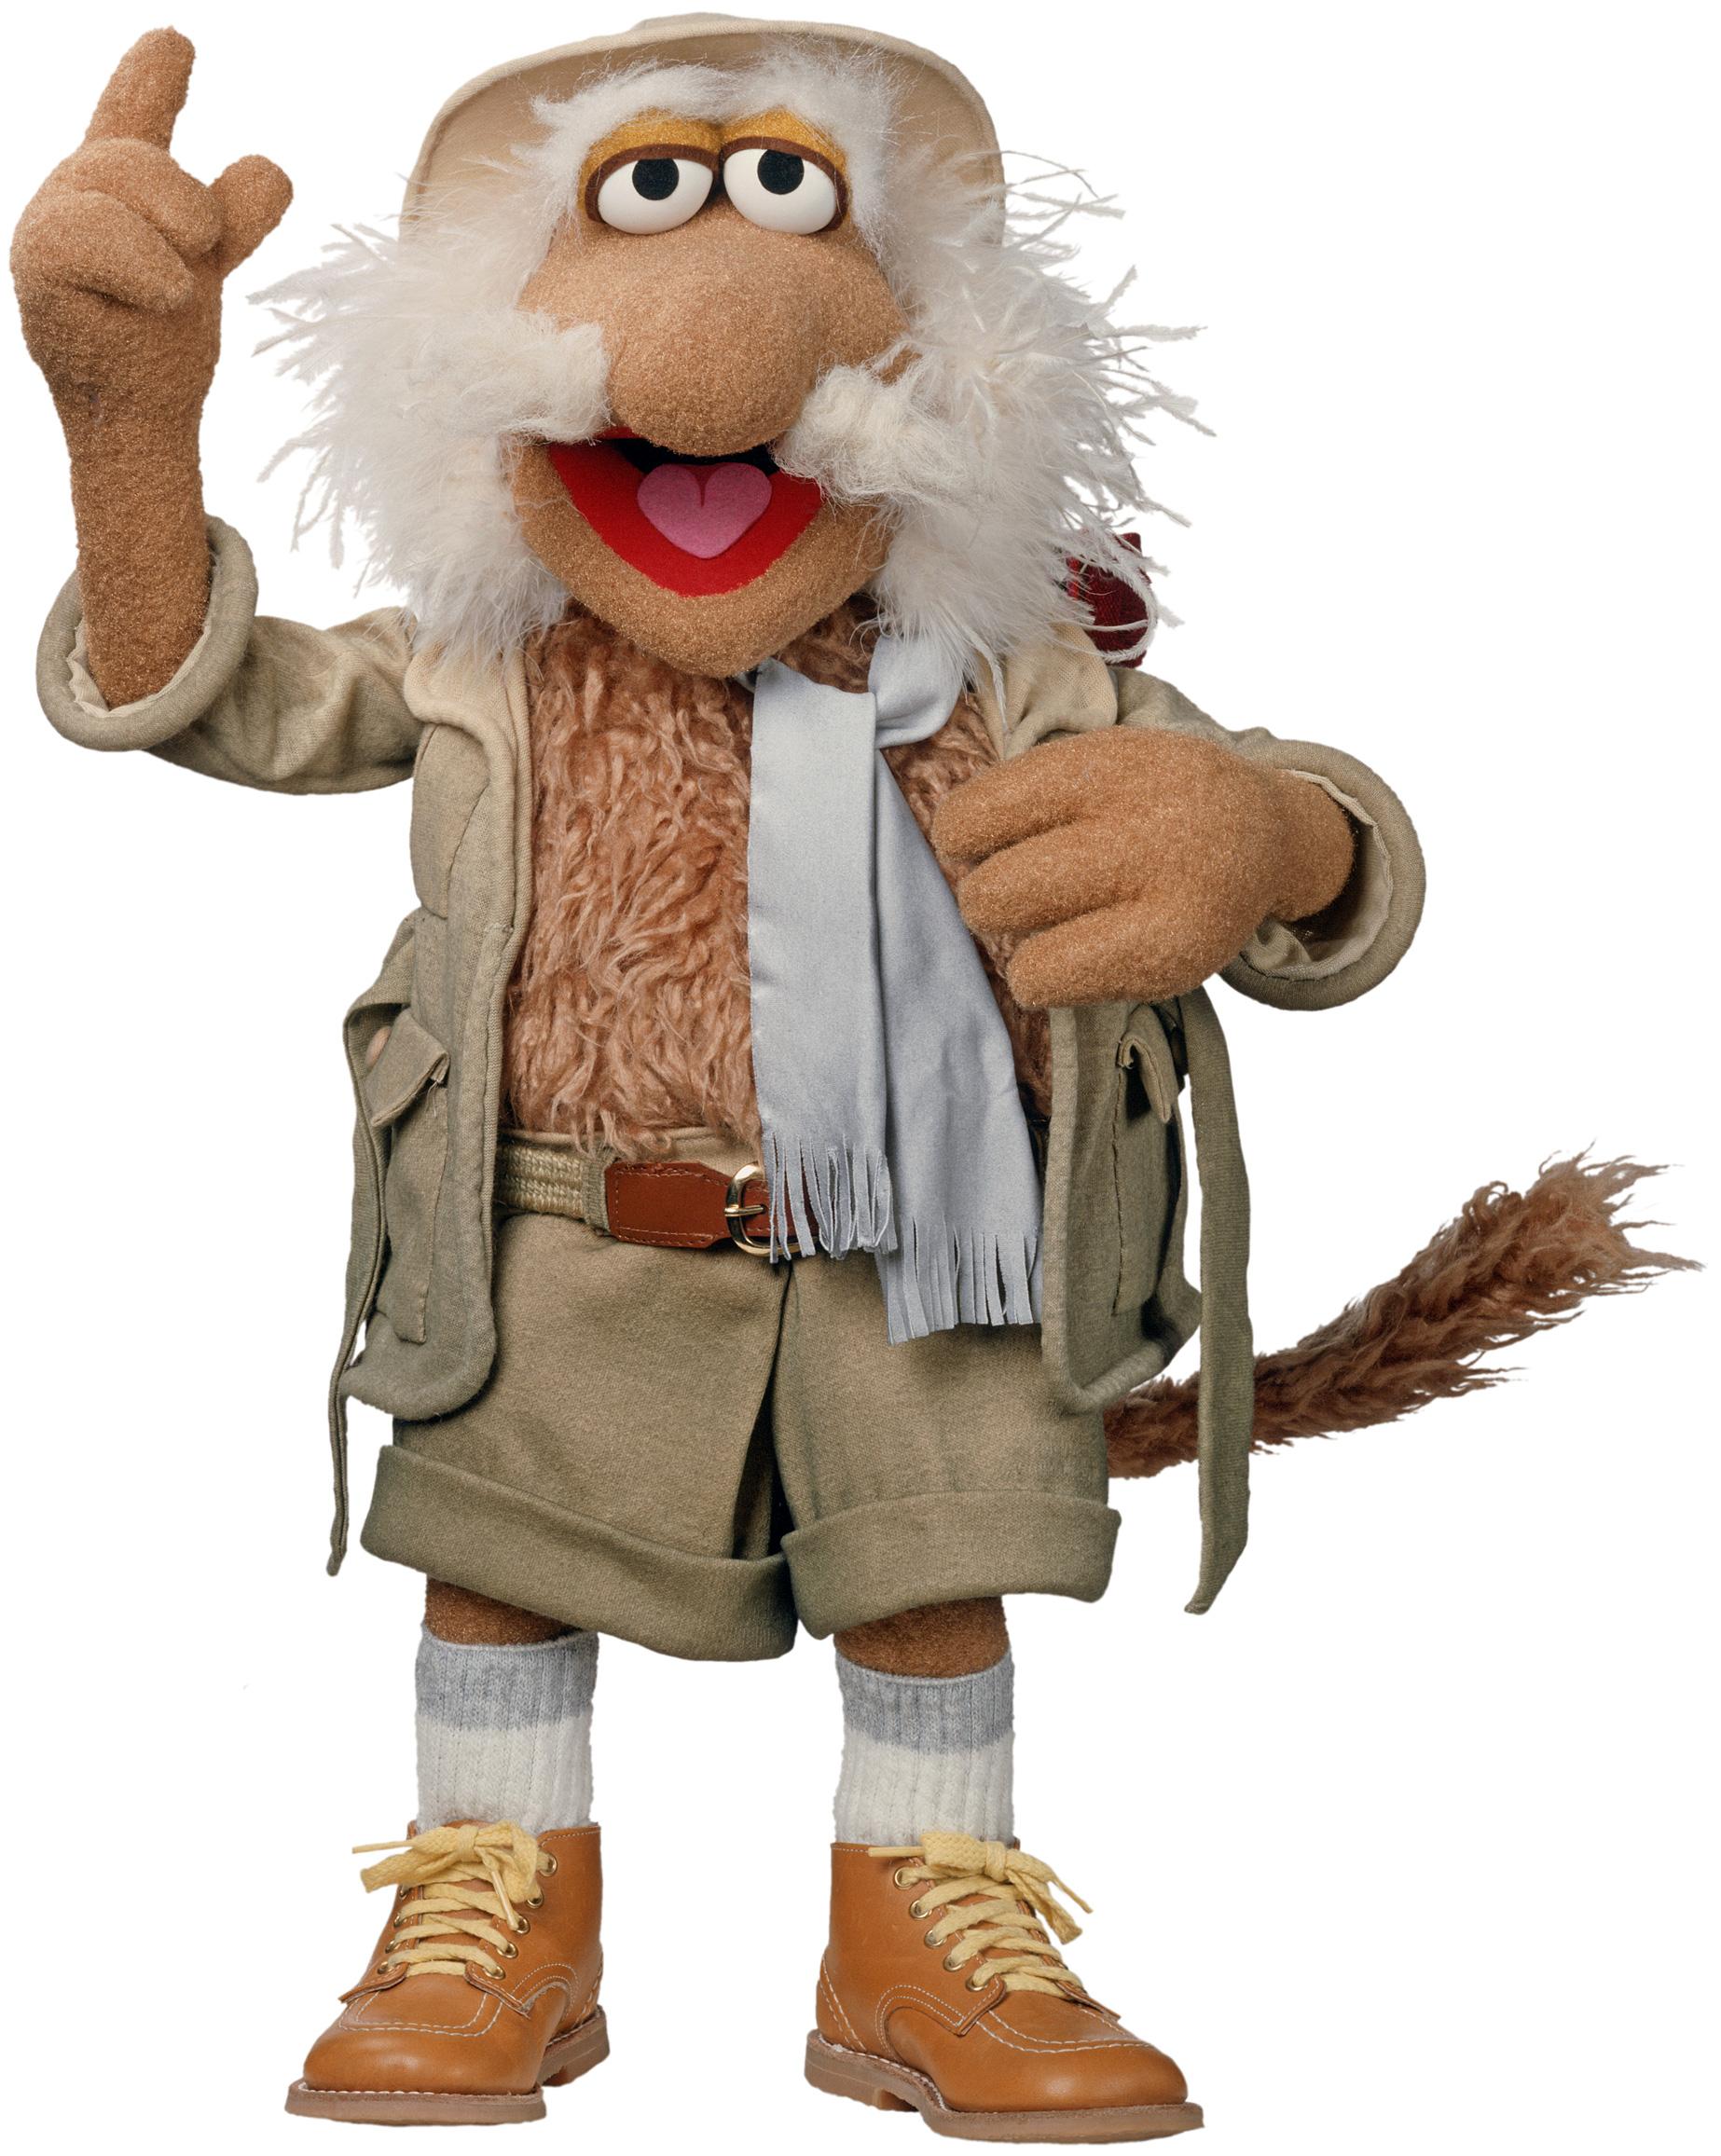 Uncle Traveling Matt | Muppet Wiki | FANDOM powered by Wikia